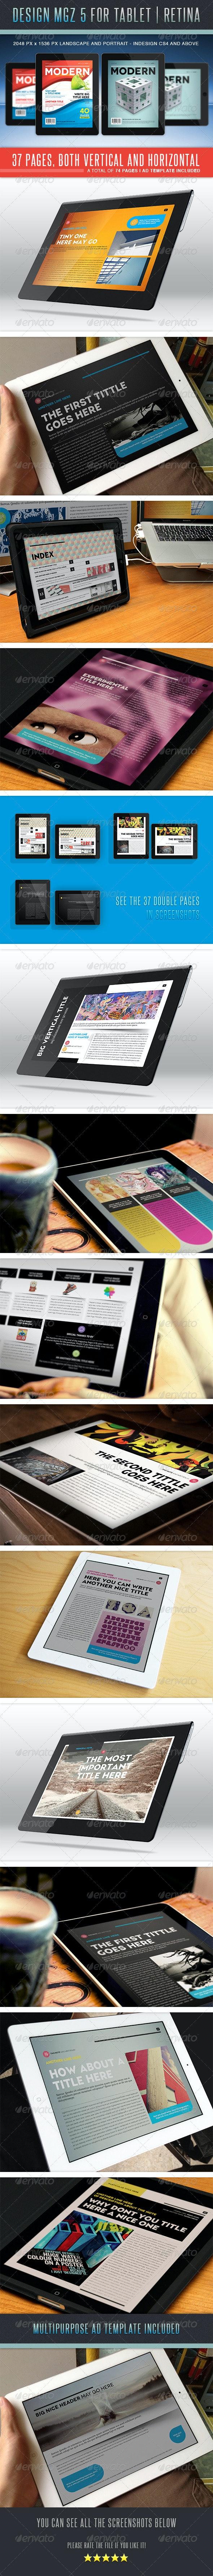 Design MGZ 5 - Digital Magazines ePublishing